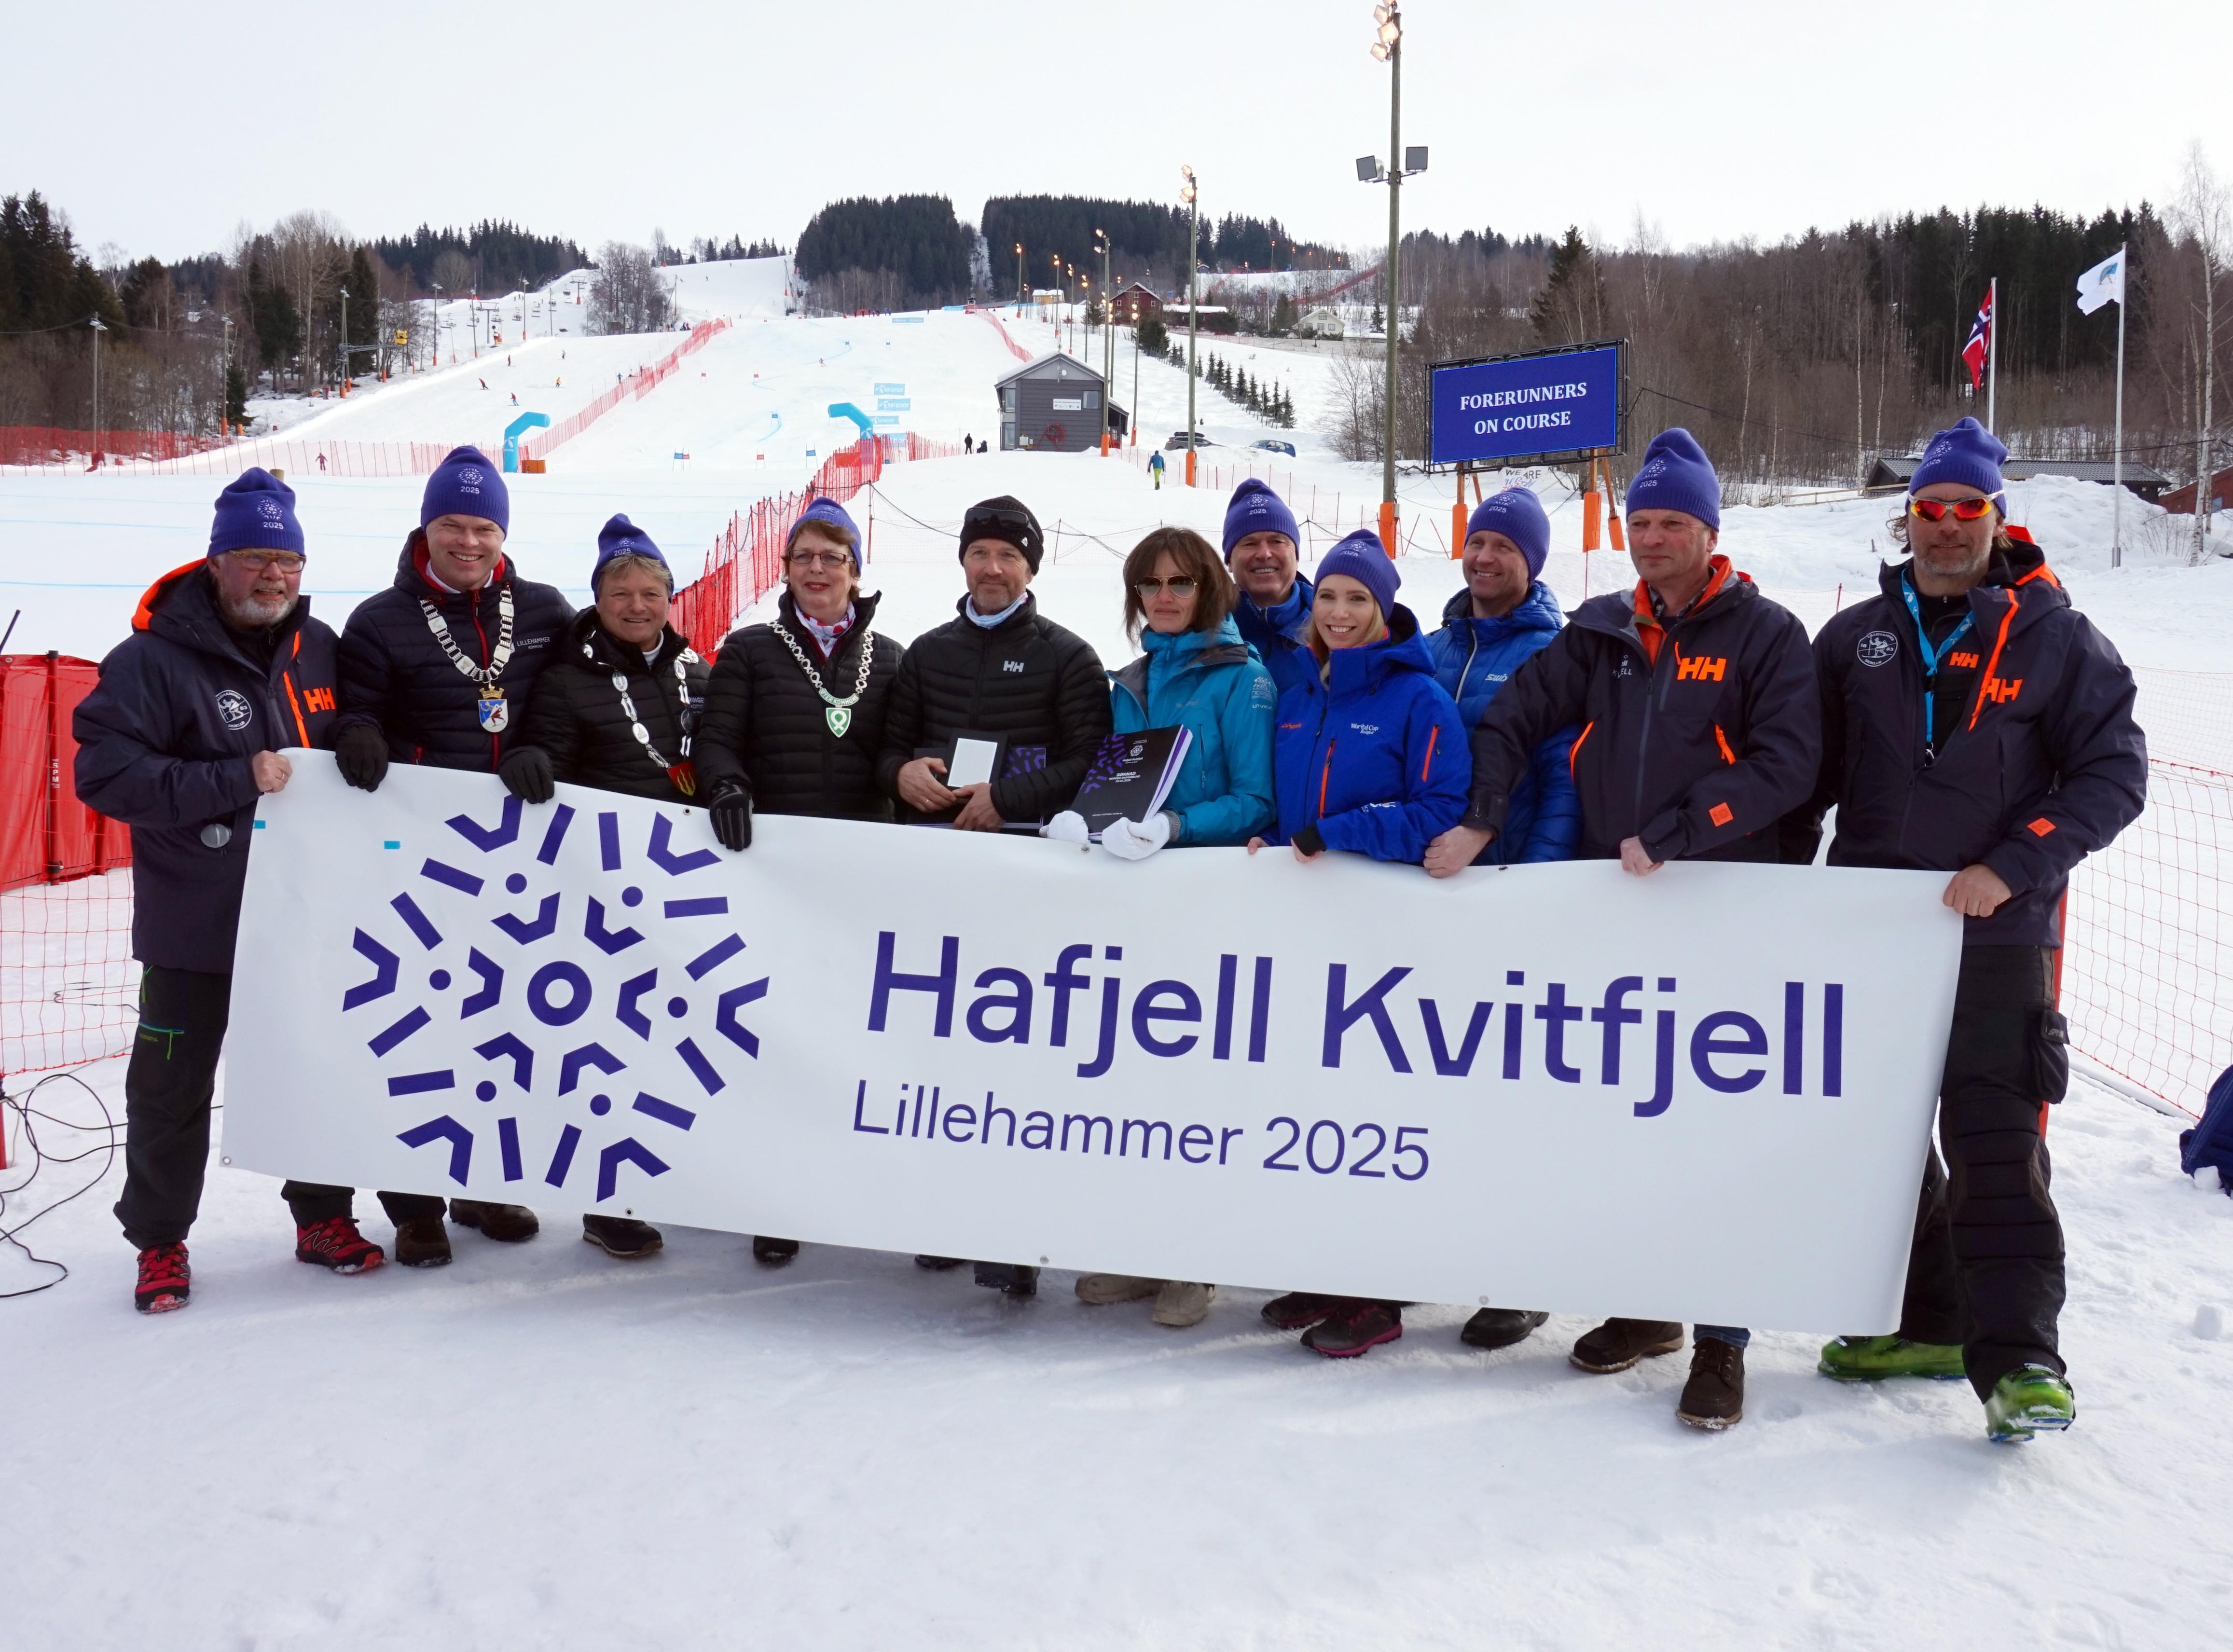 De involverte i søknadsprosessen sammen med ordførere og representanter fra Norges Skiforbund.